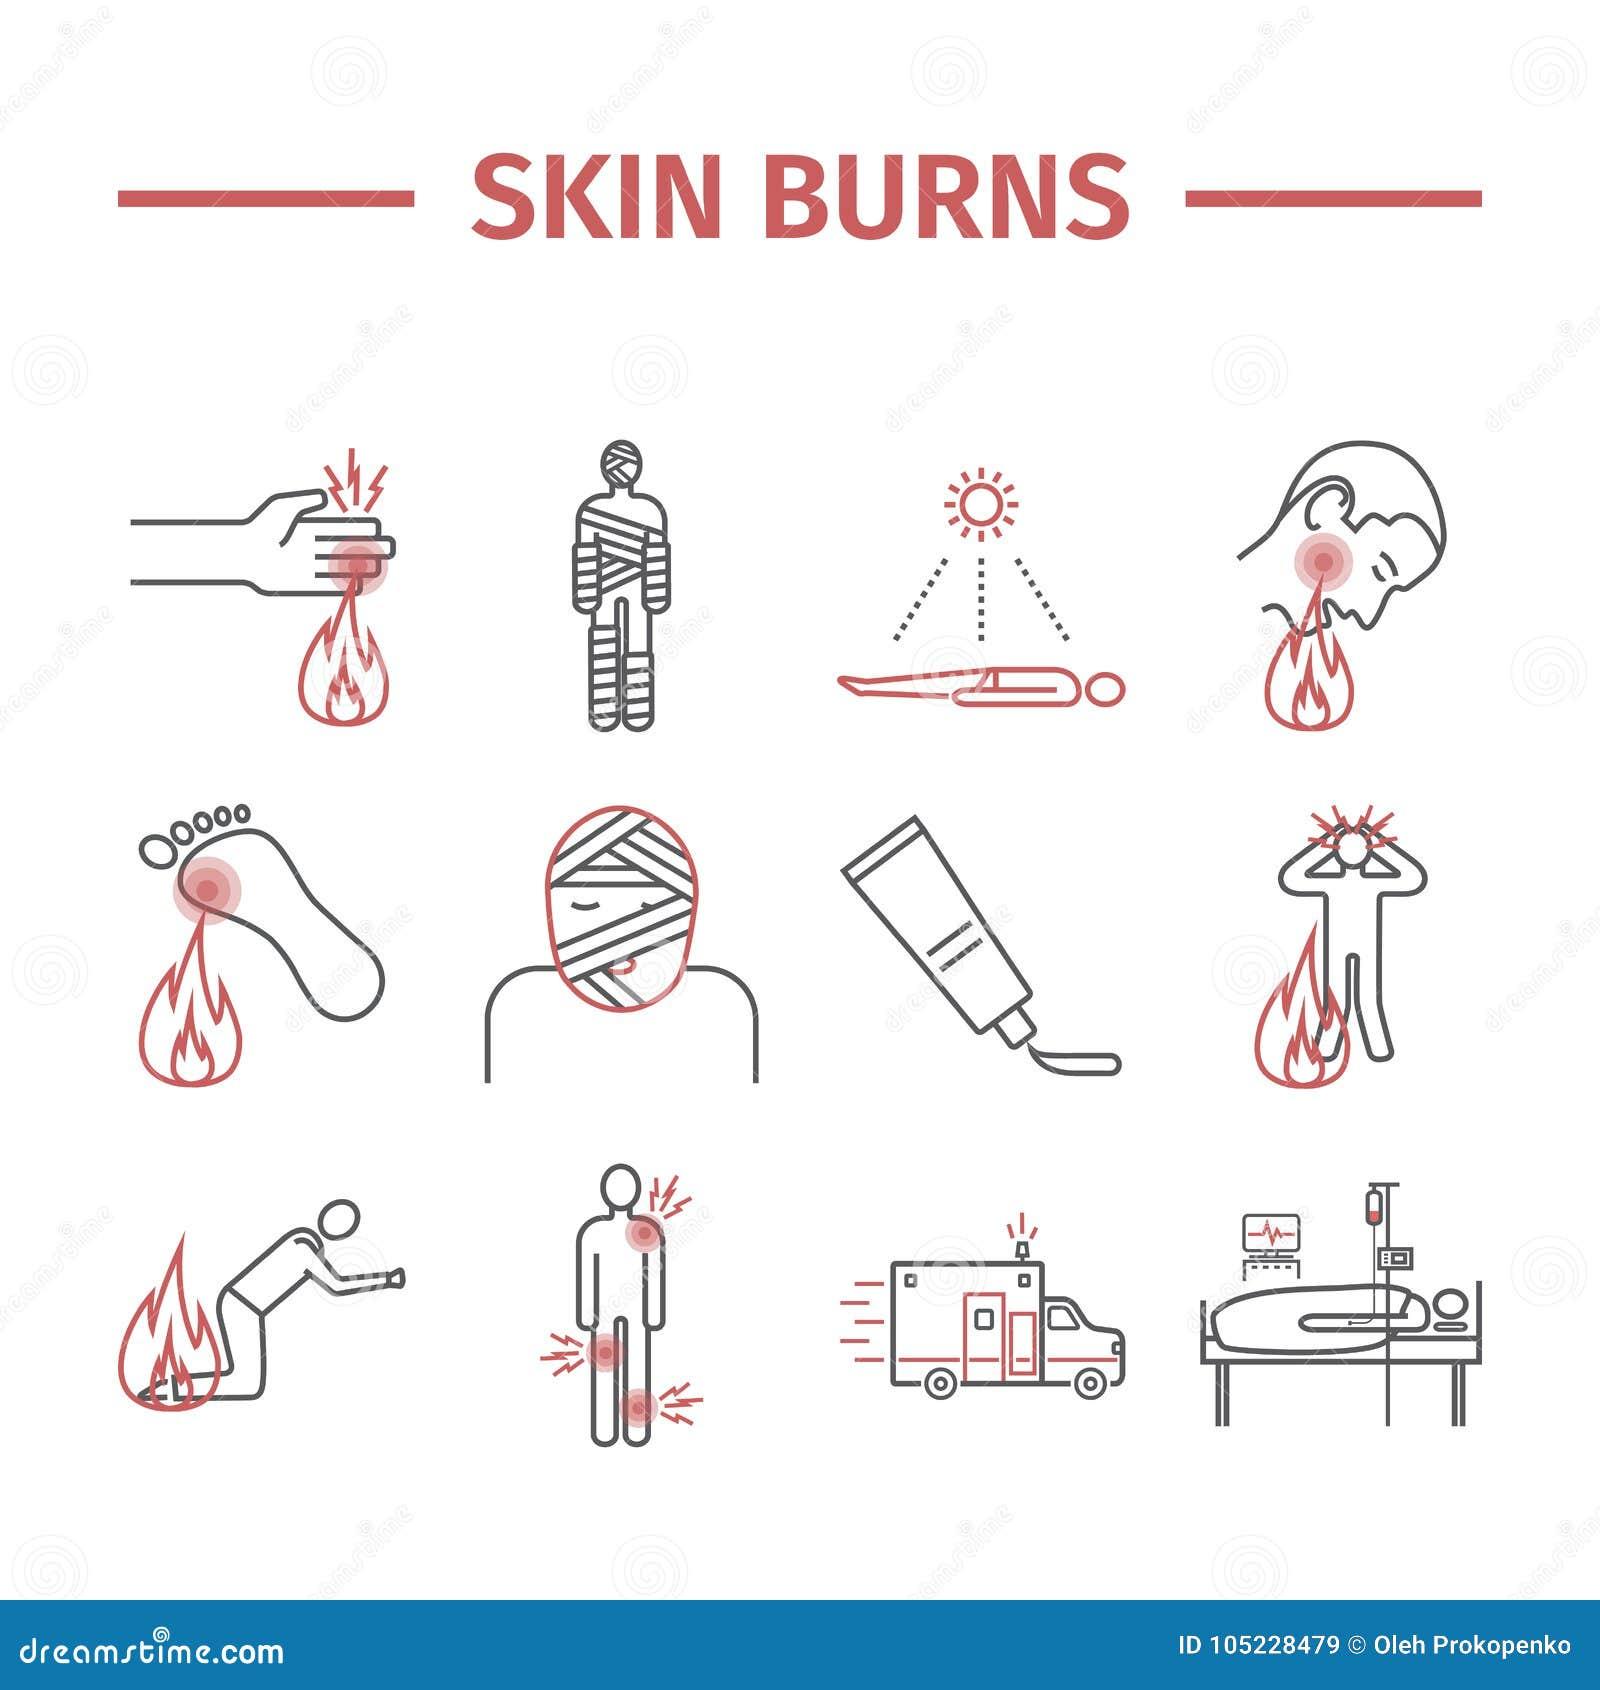 Haut brennt kine Ikonen behandlung Photorealistic Ausschnittskizze